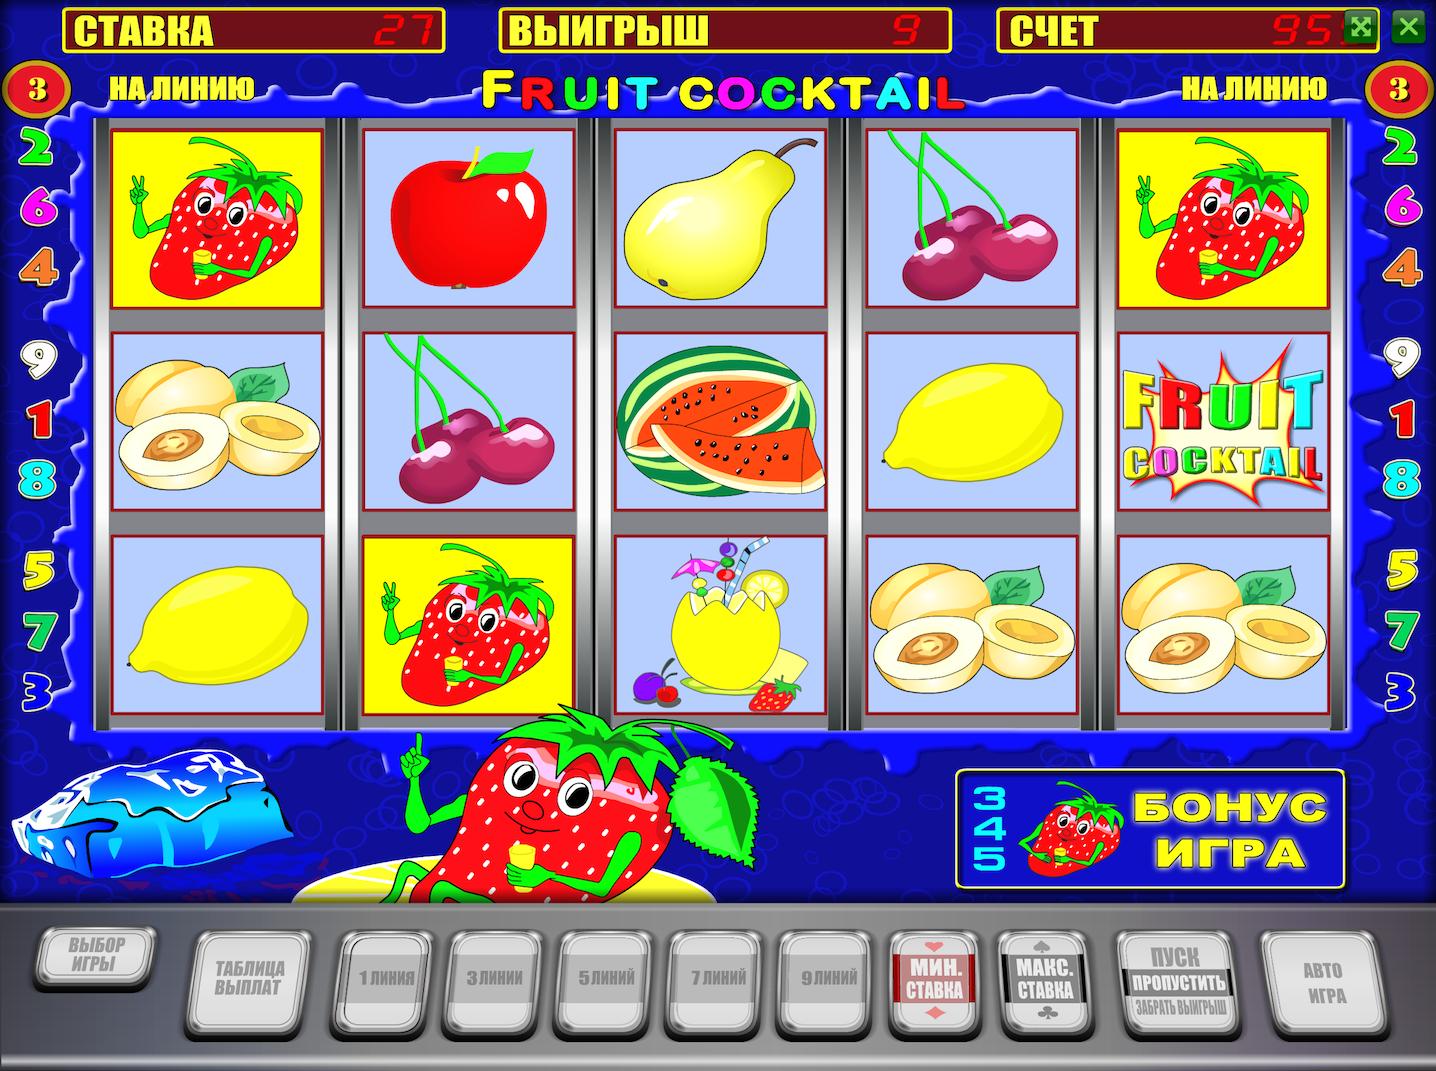 Найти бесплатно игровые автоматы клубники скачать чит для казино